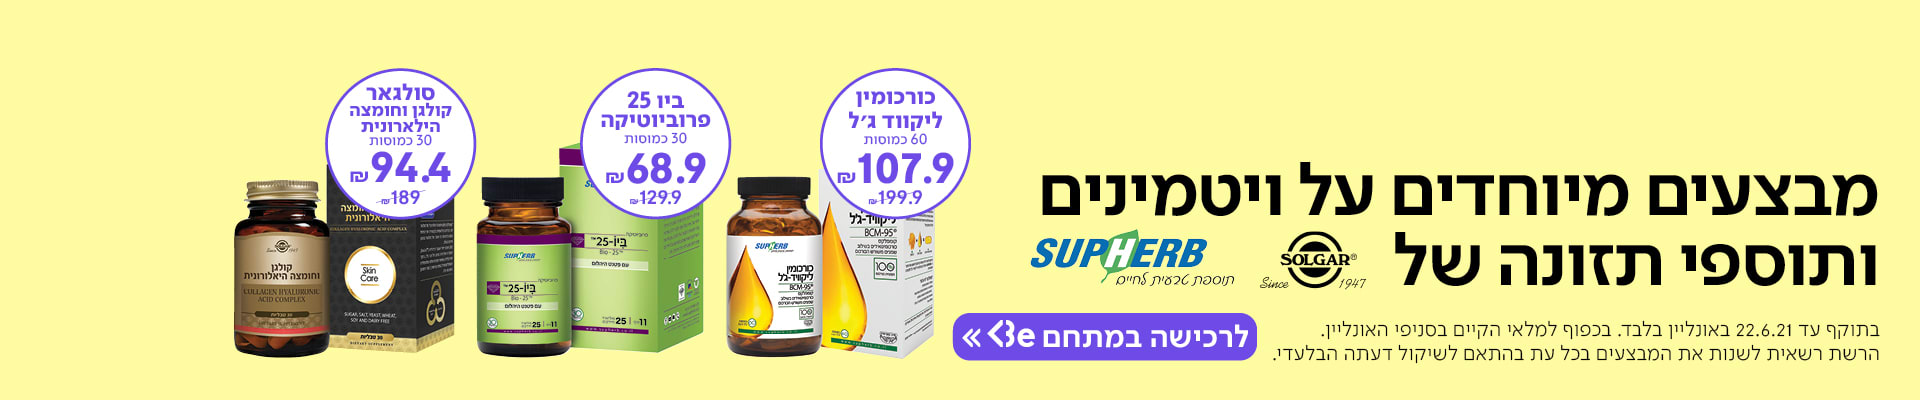 מבצעים מיוחדים על ויטמינים ותוספי תזונה של סולגאר וסופרהב עכשיו במתחם Be. לרכישה >>